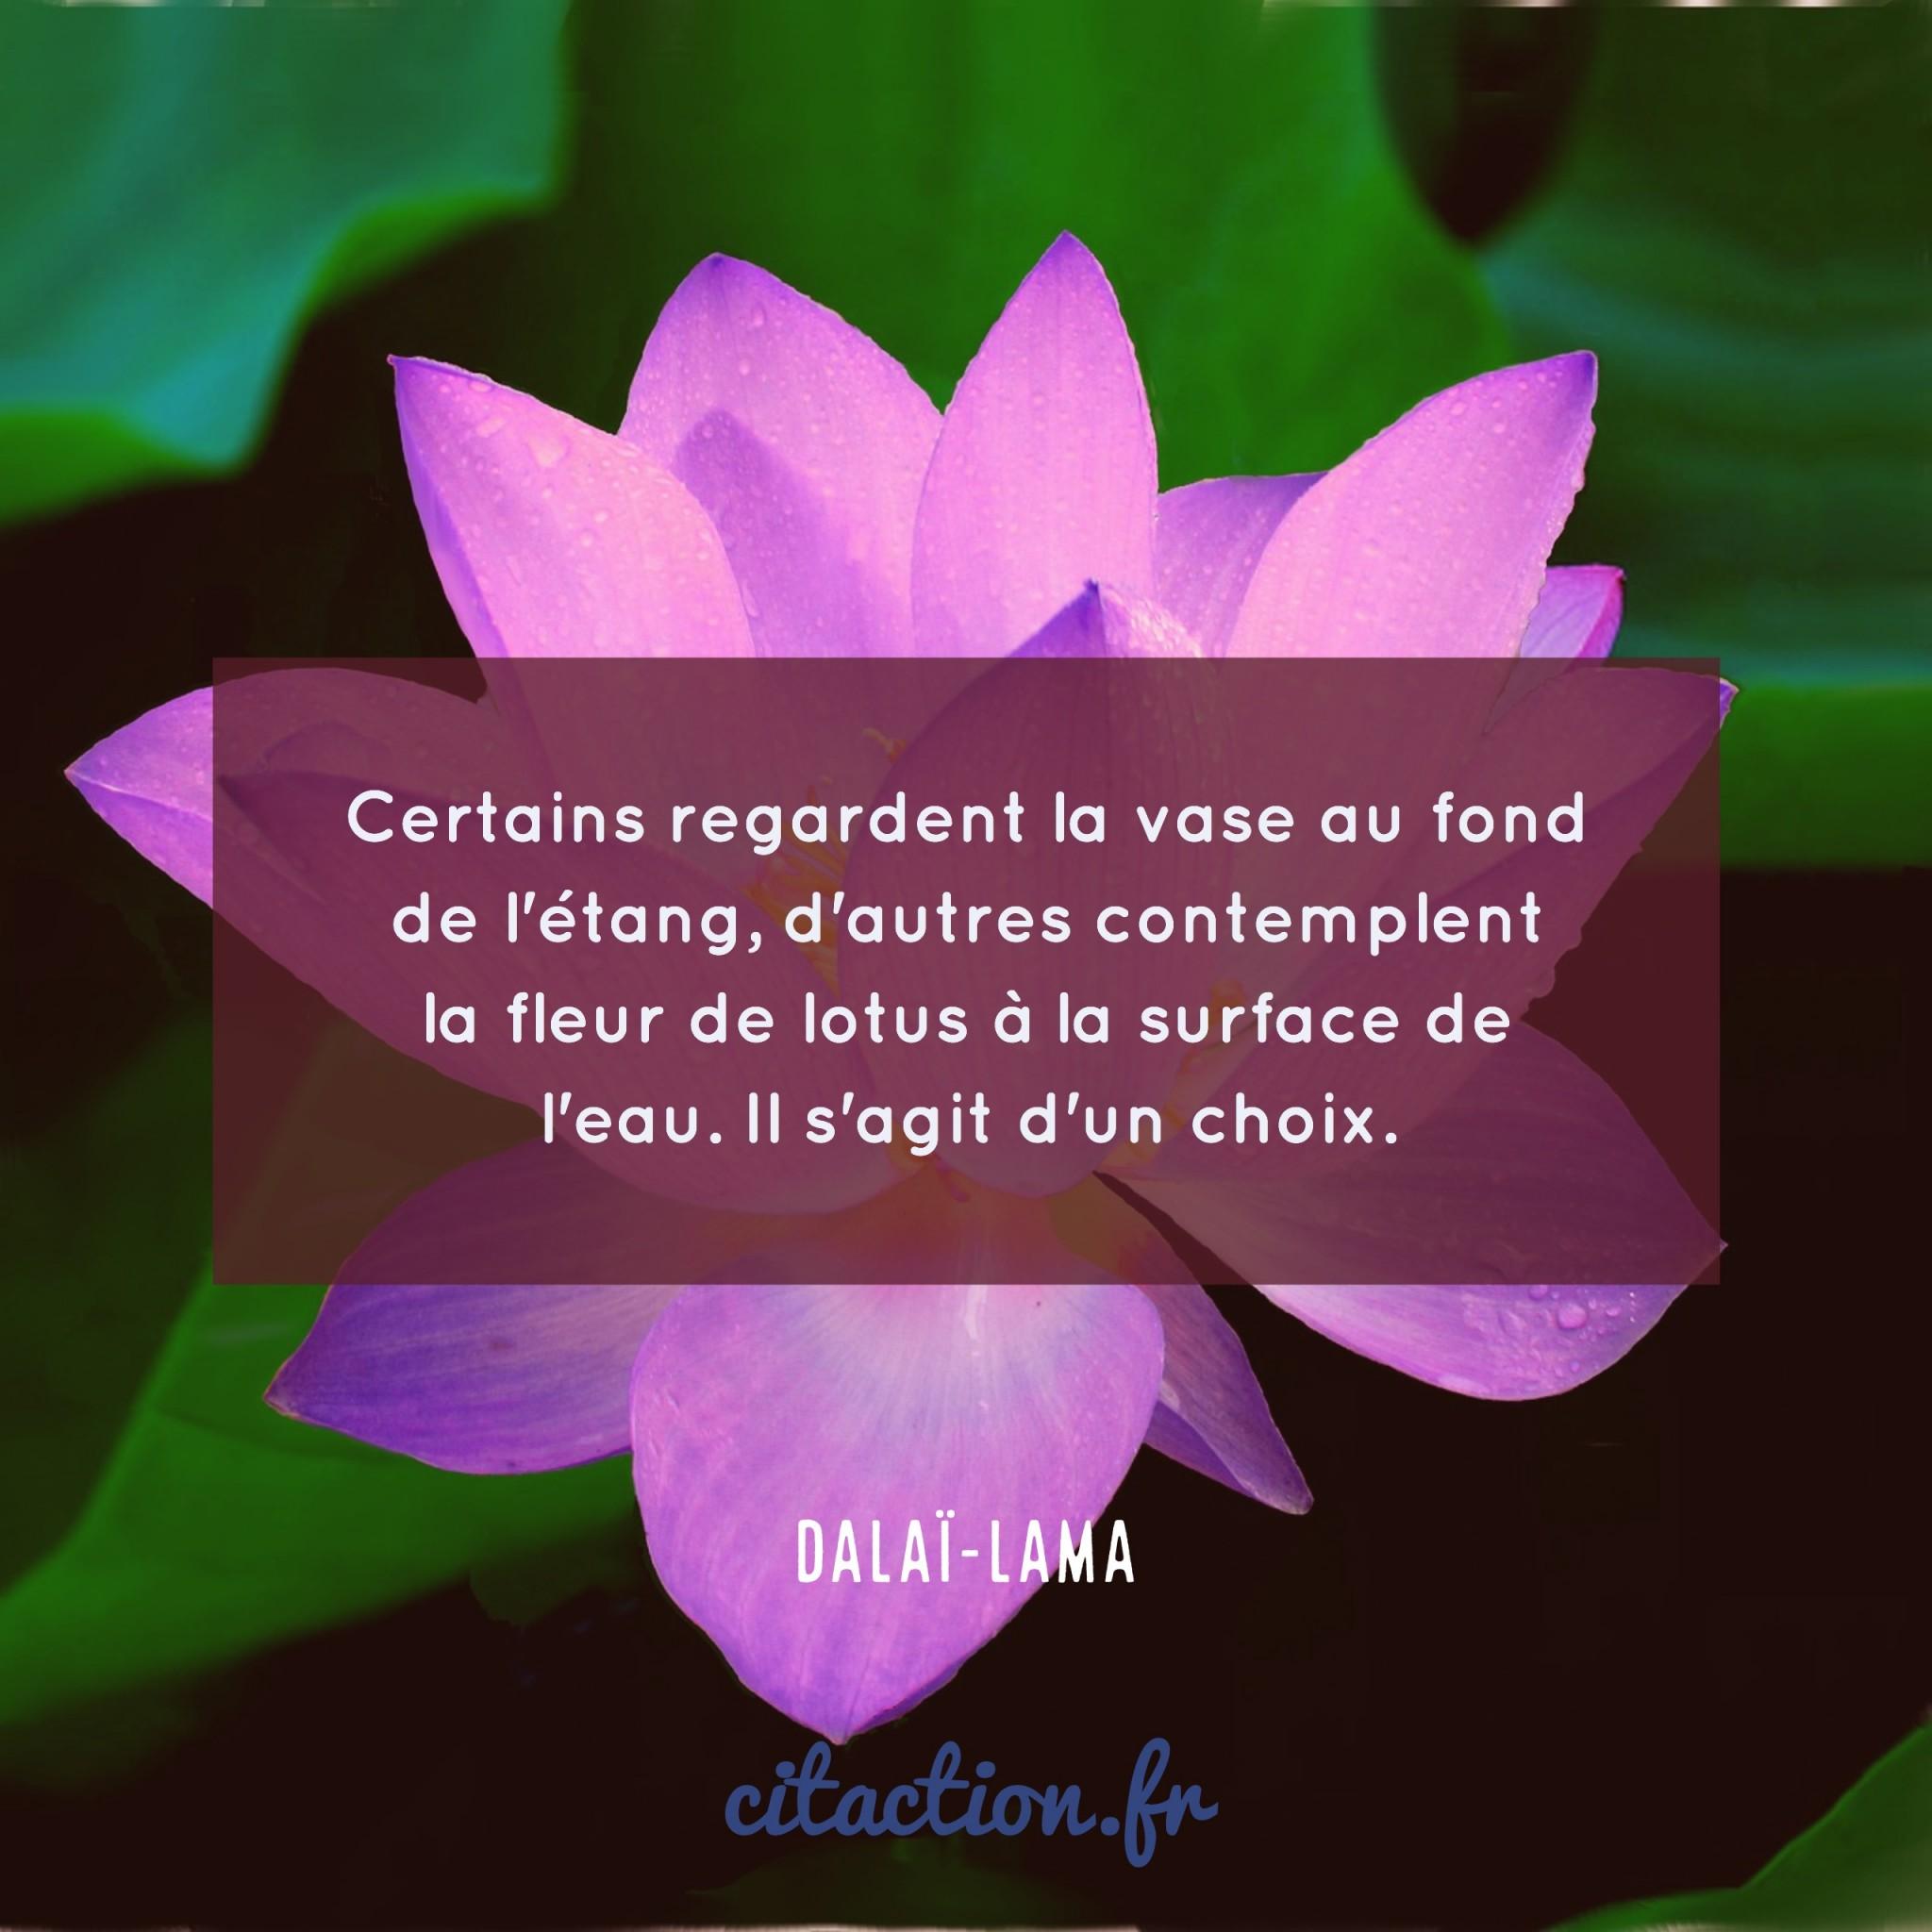 certains-regardent-la-vase-au-fond-de-letang-dautres-contemplent-la-fleur-de-lotus-a-la-surface-de-leau